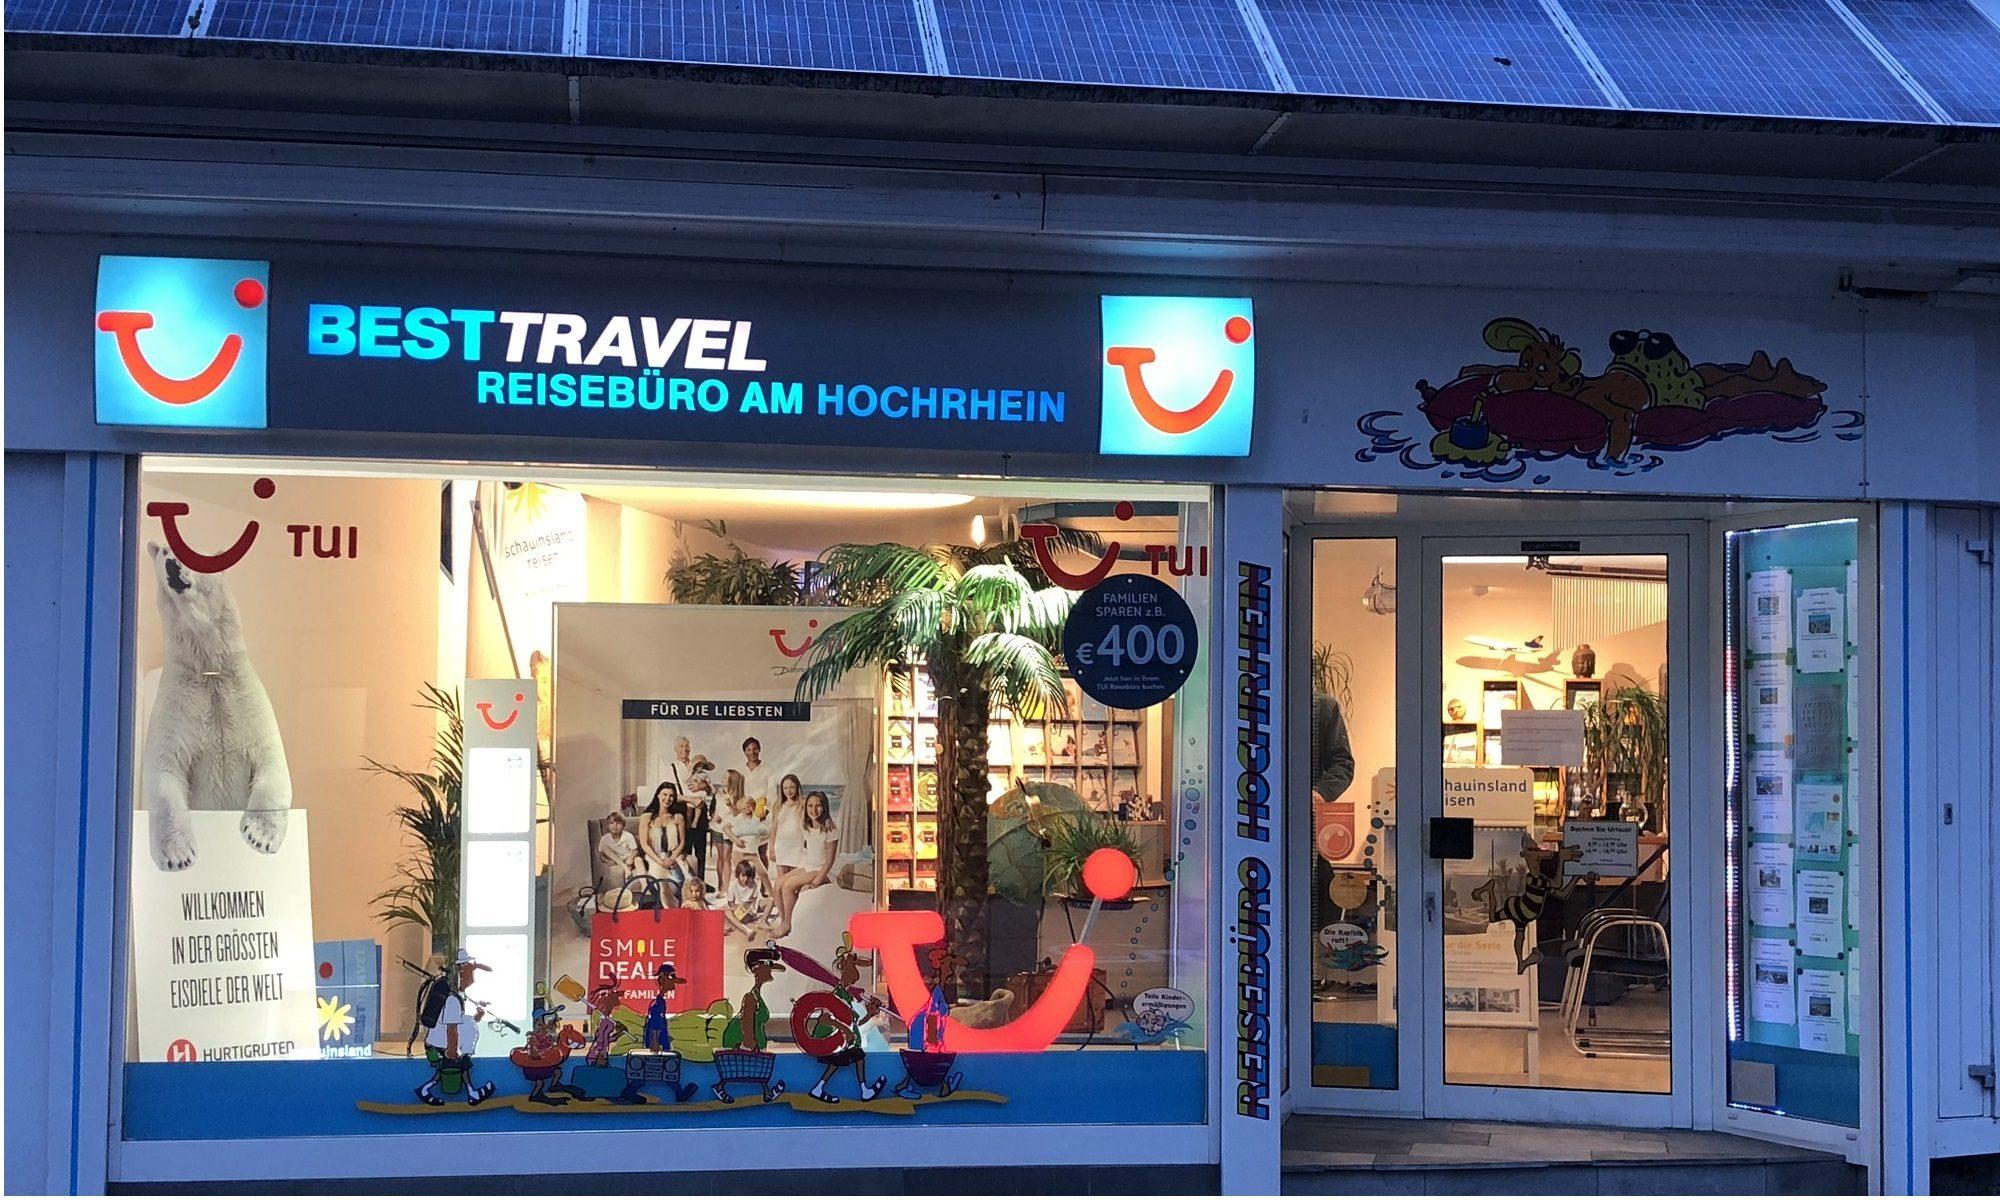 Reisebüro am Hochrhein - Beatrice Konrad